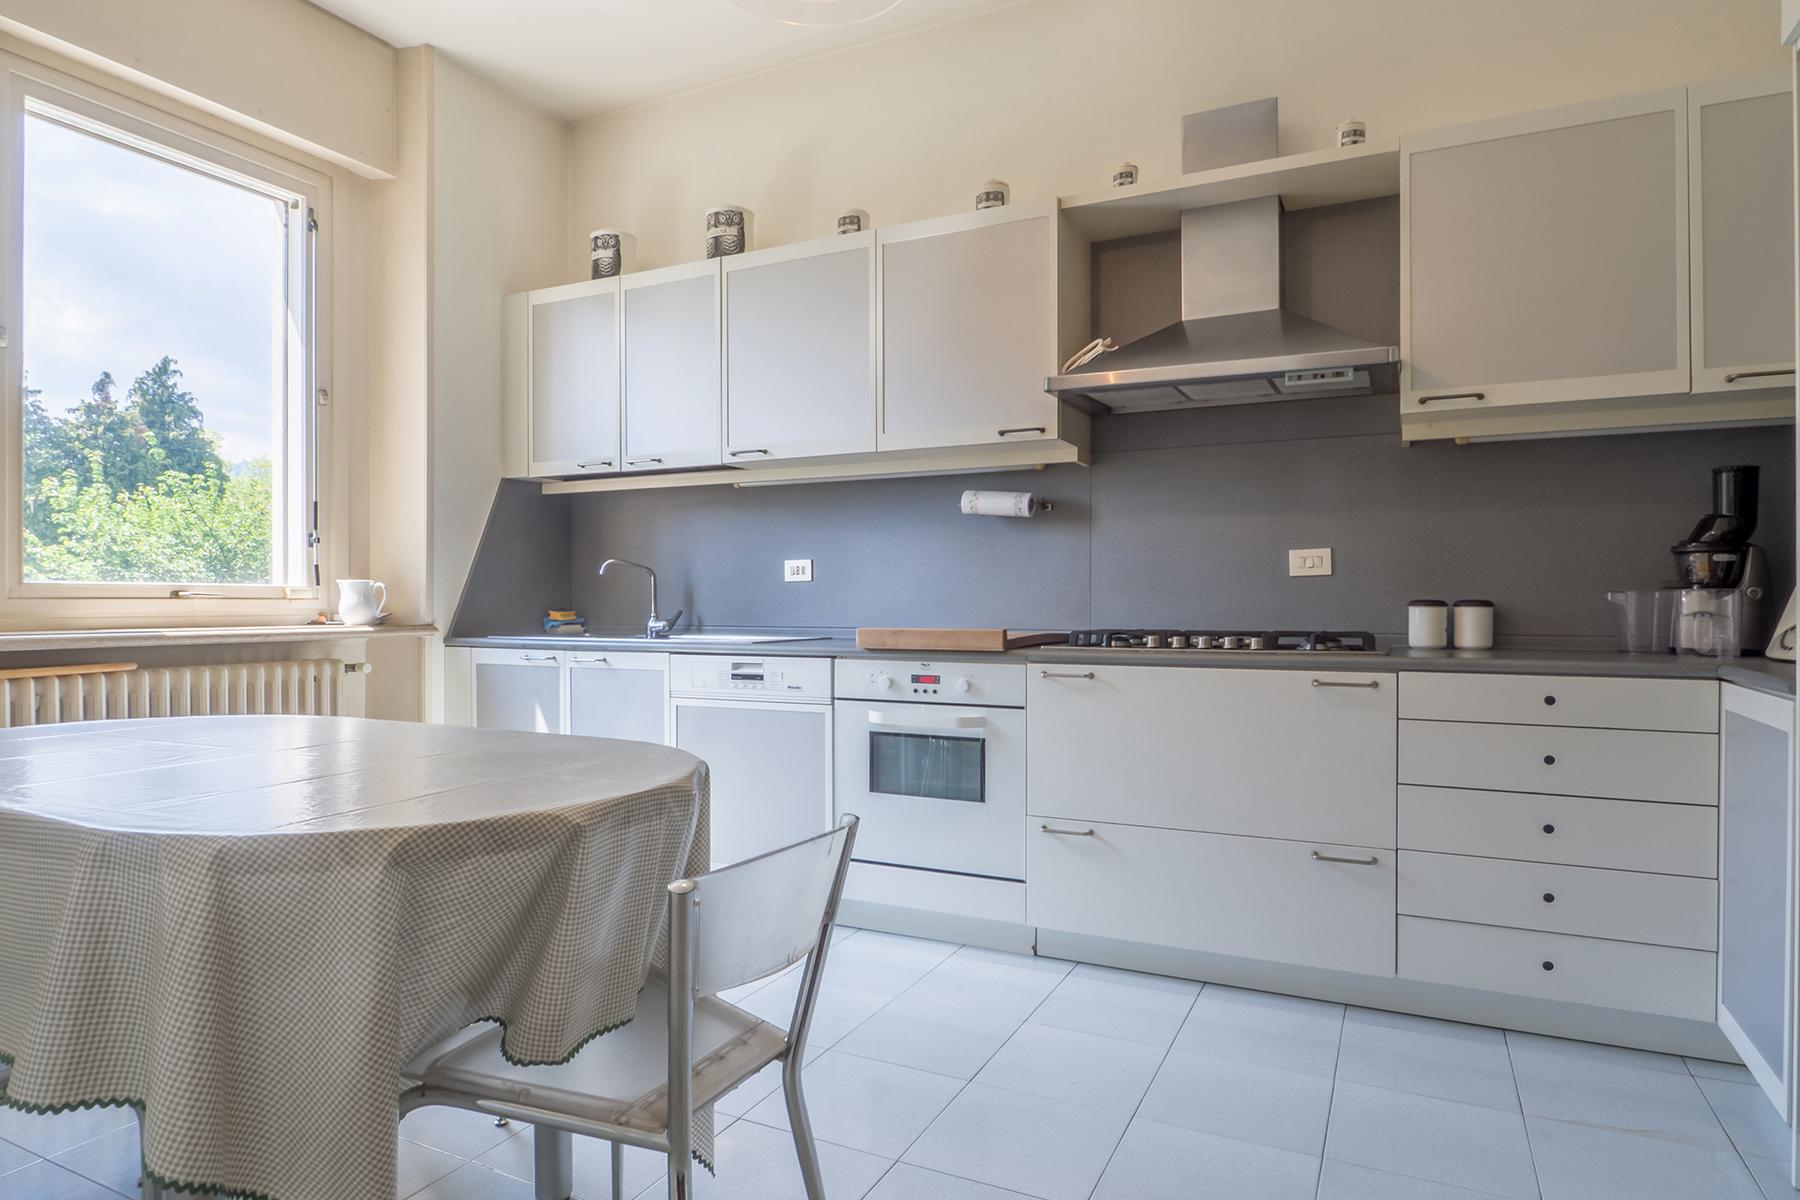 Appartamento in Vendita a Biella: 4 locali, 185 mq - Foto 5